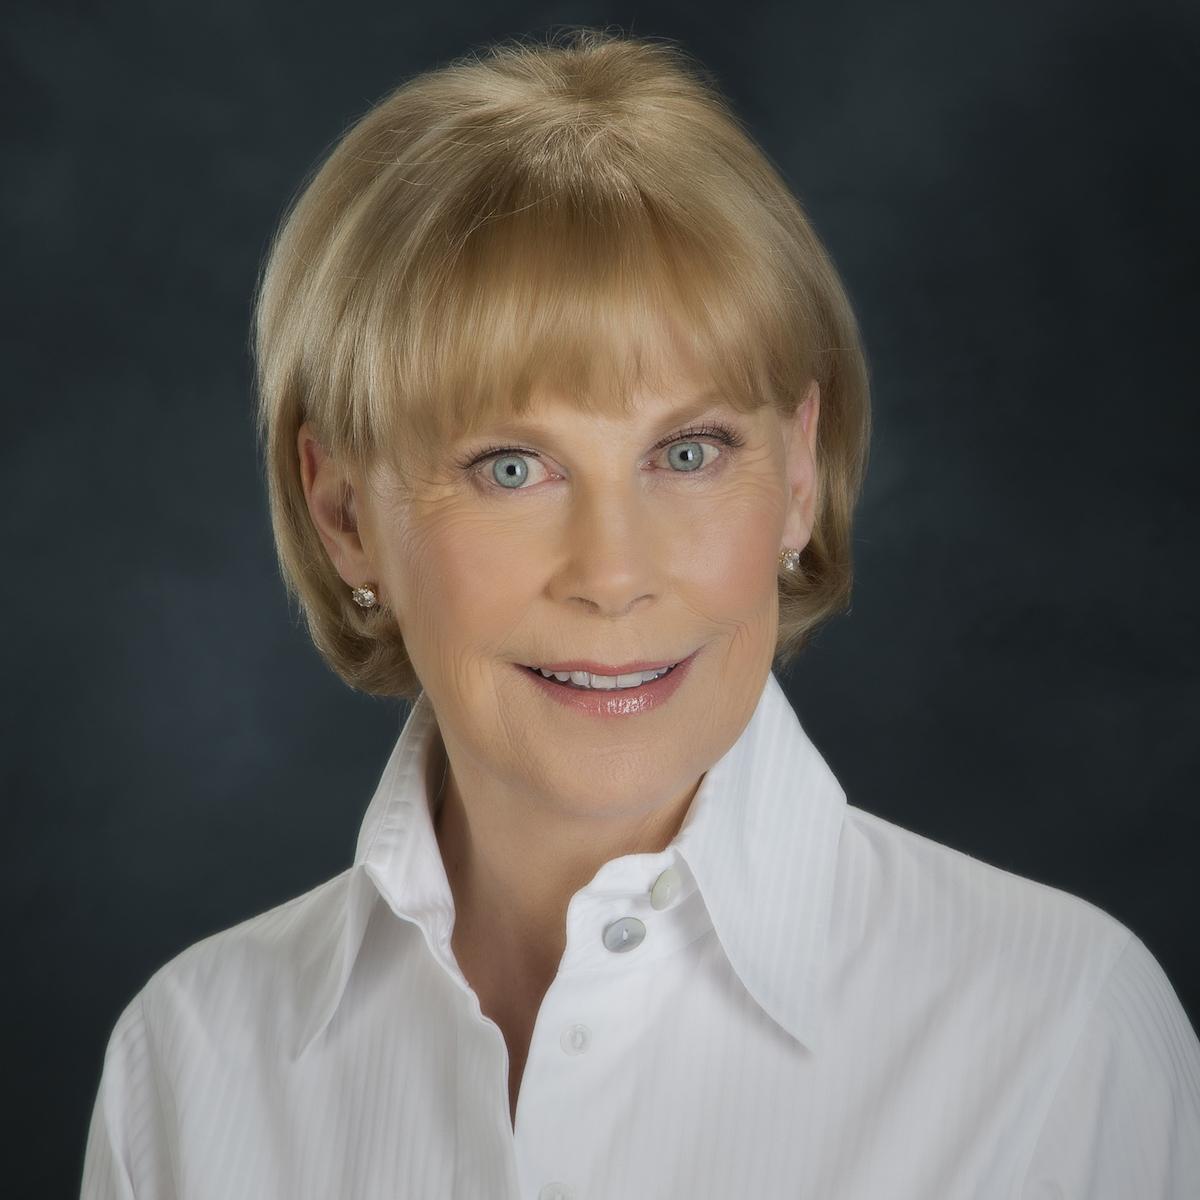 Bergen Williams